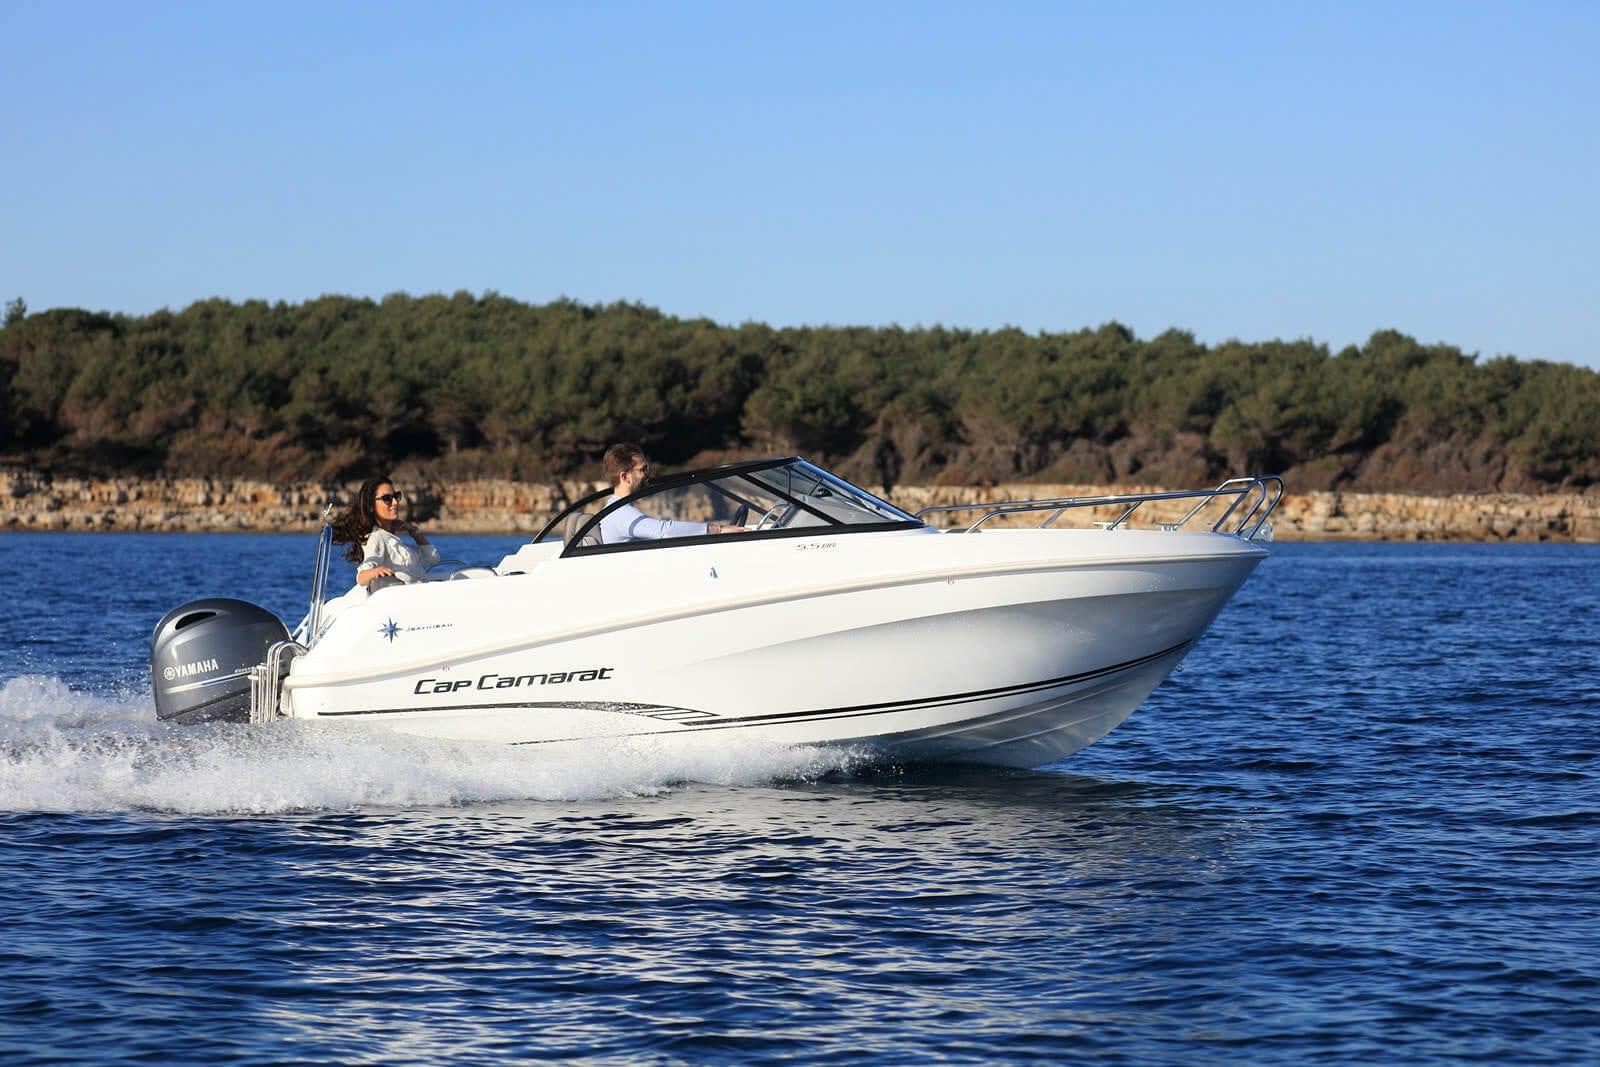 סירת מנוע Jeanneau Cap Camarat 5.5BR - סירת מנוע Jeanneau Cap Camarat 5.5BR - סטרים יאכטות